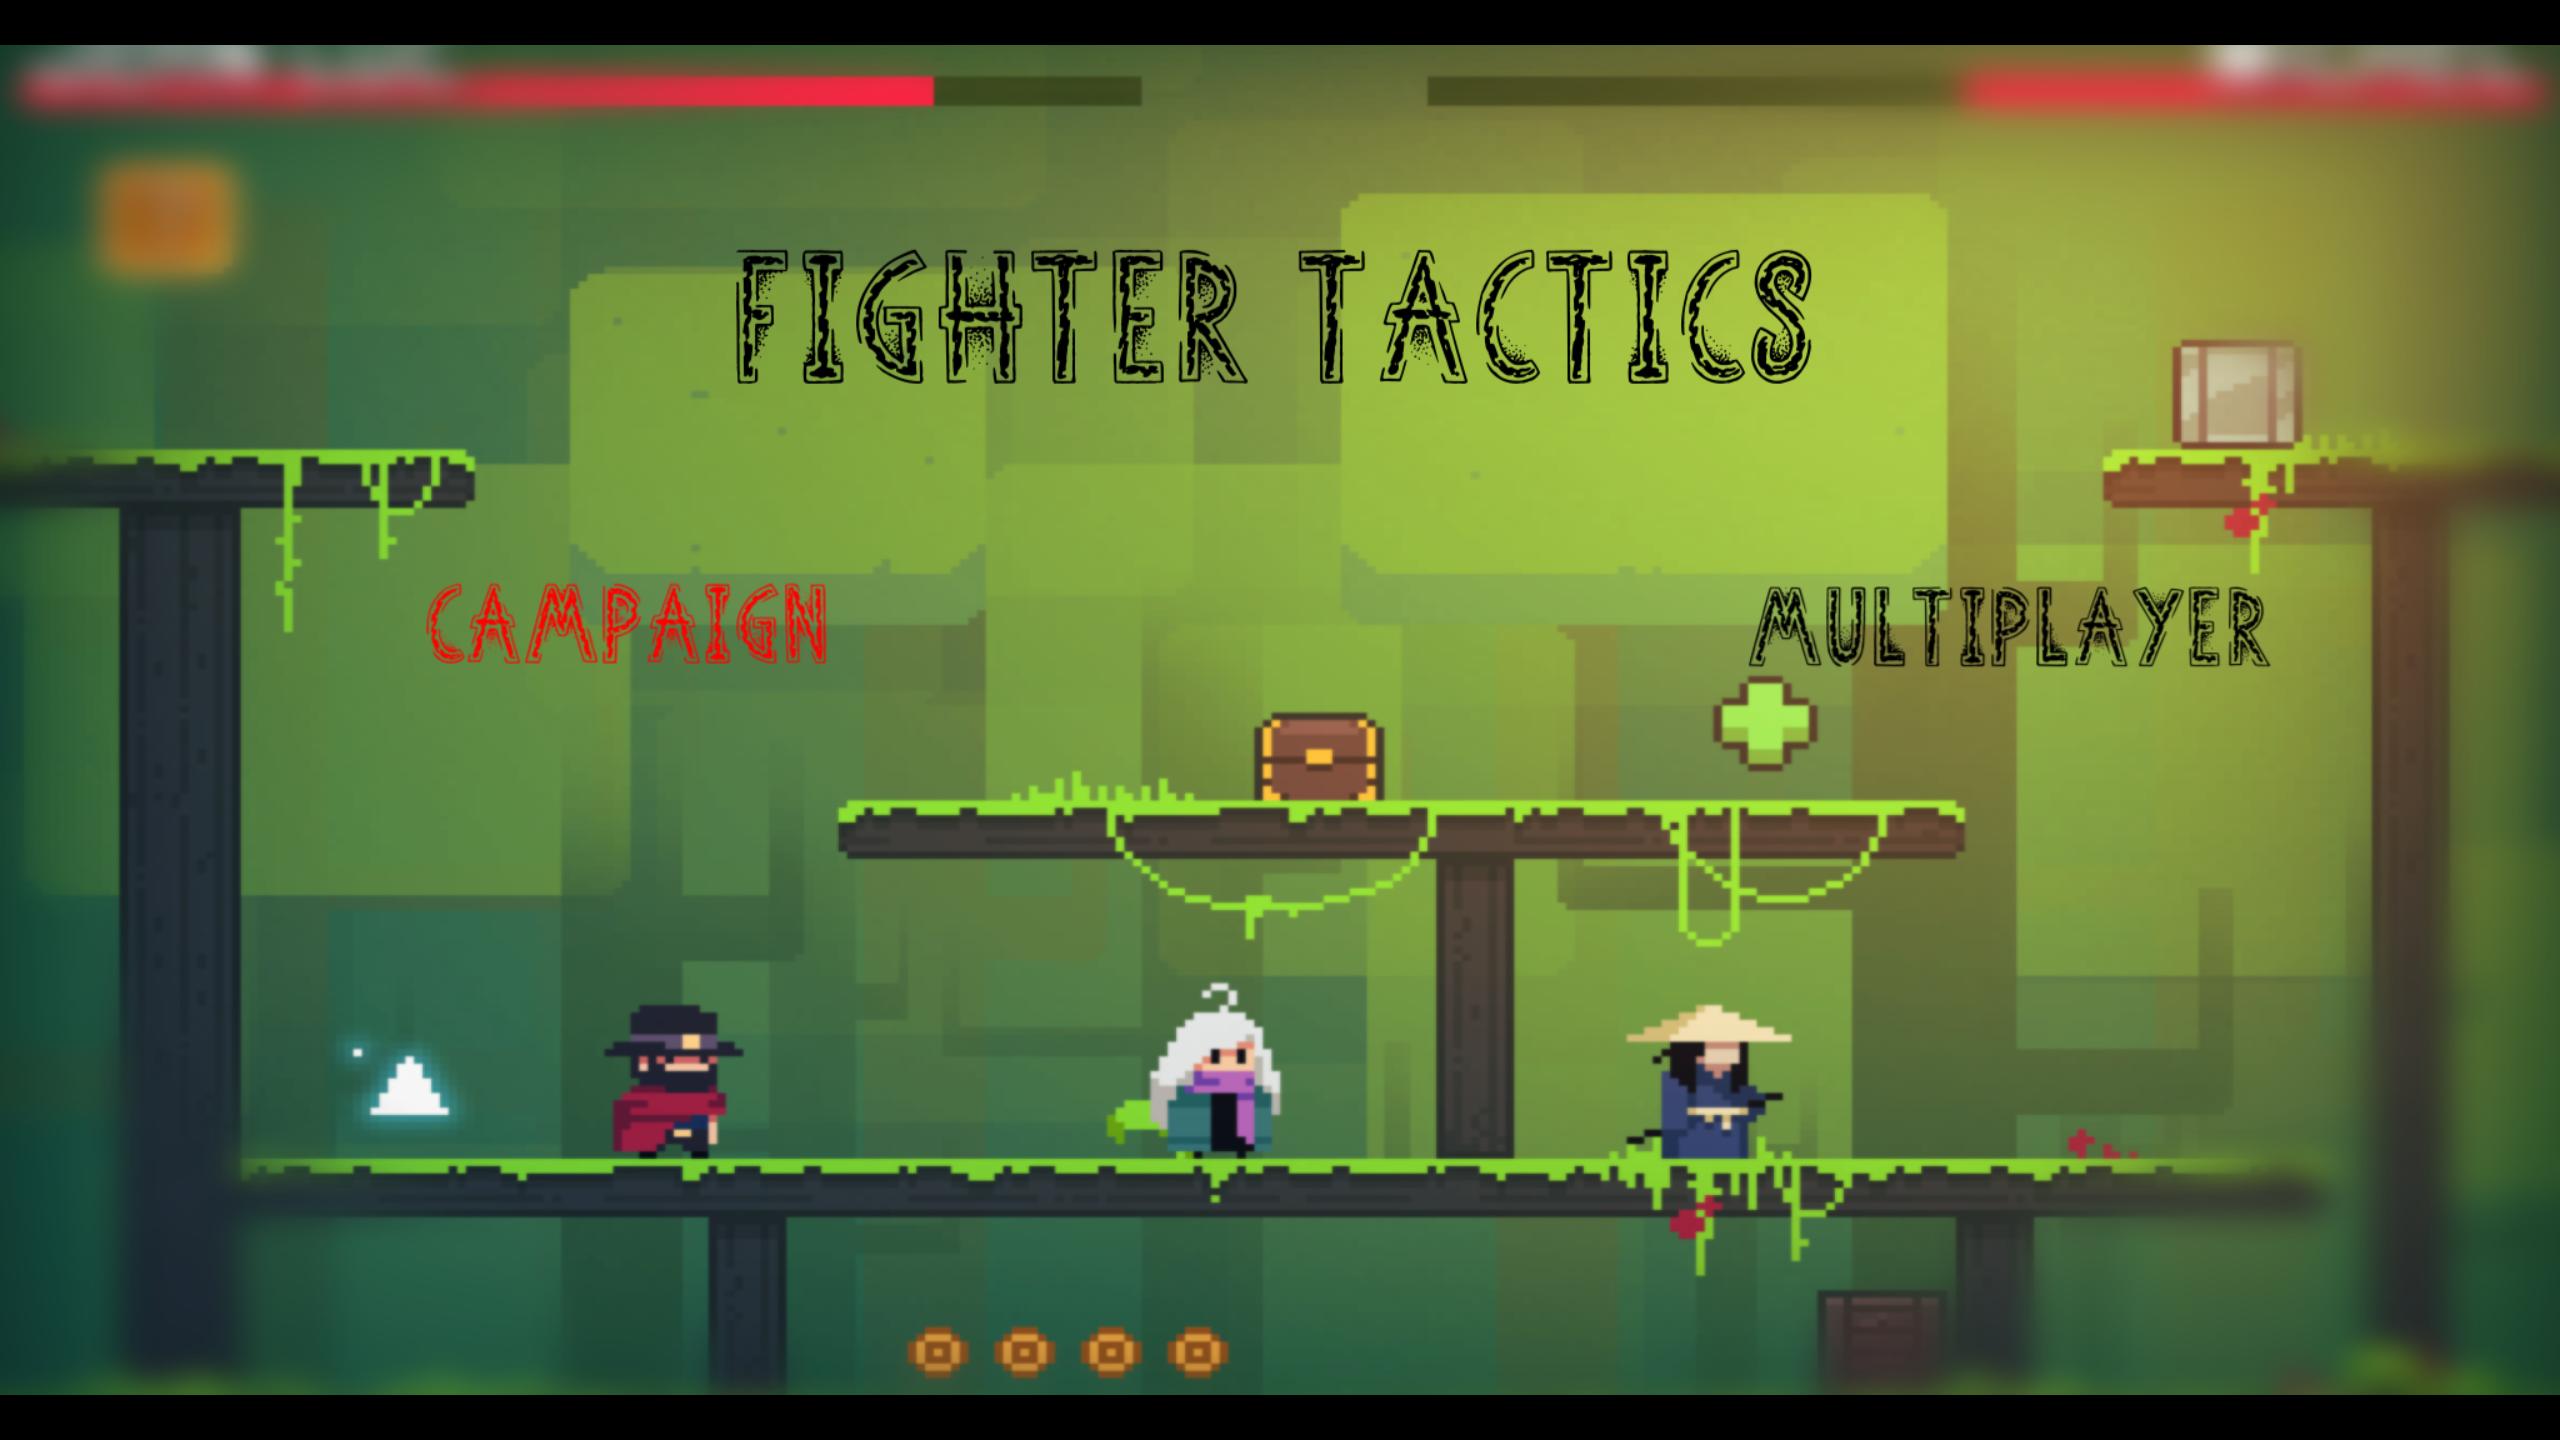 Fighter Tactics